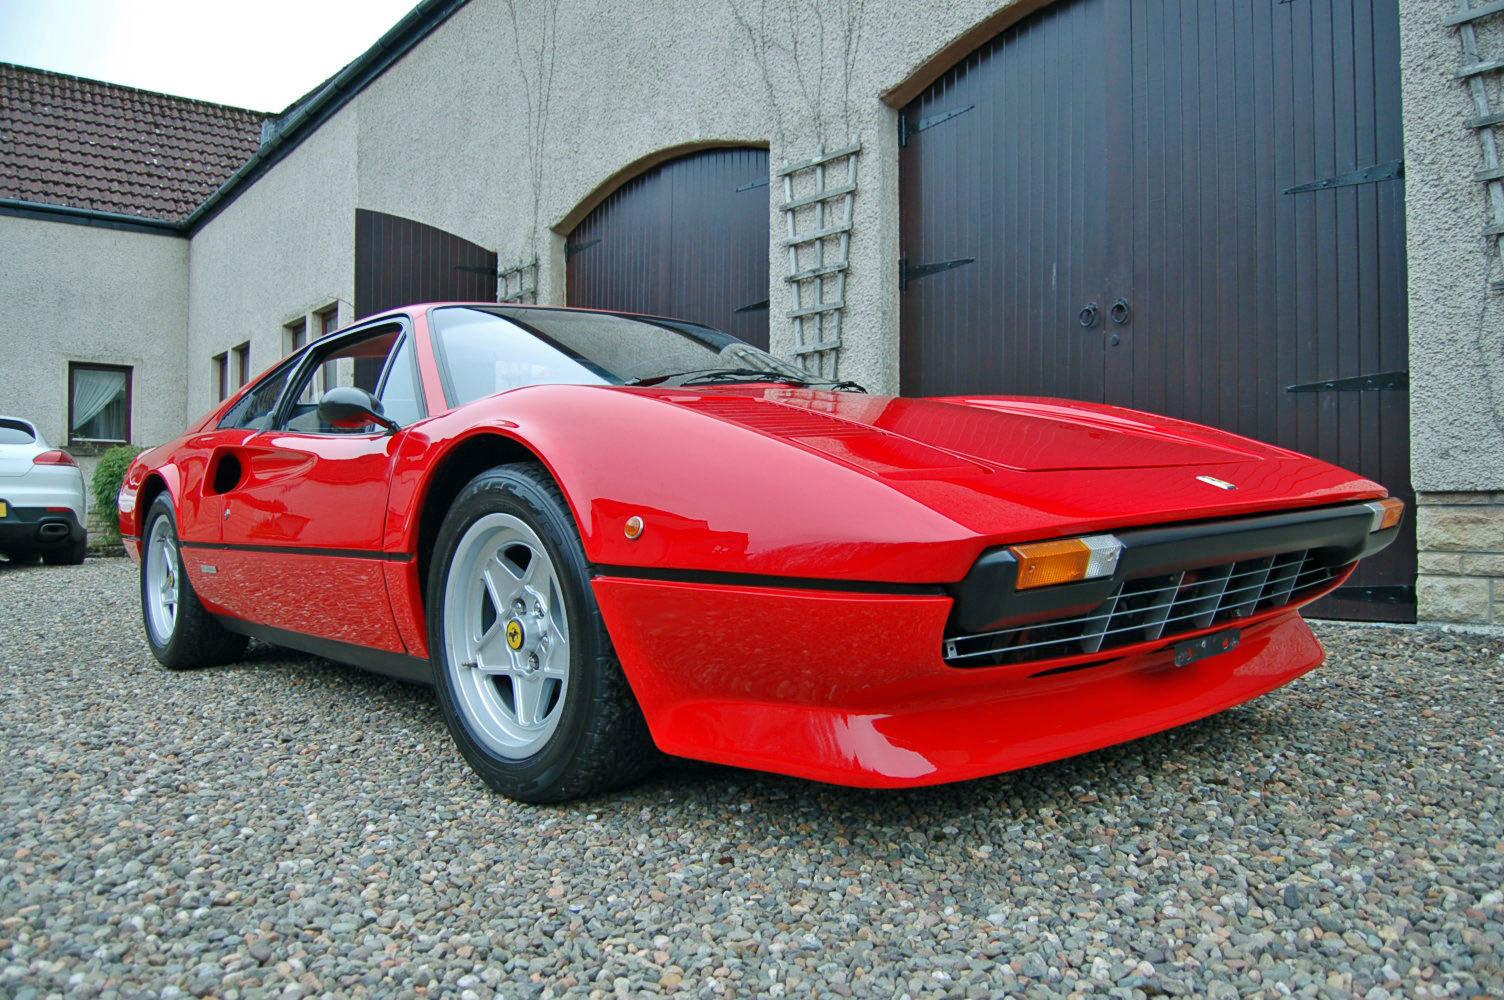 1976 Ferrari 308 GTB Vetroresina For Sale (picture 2 of 6)